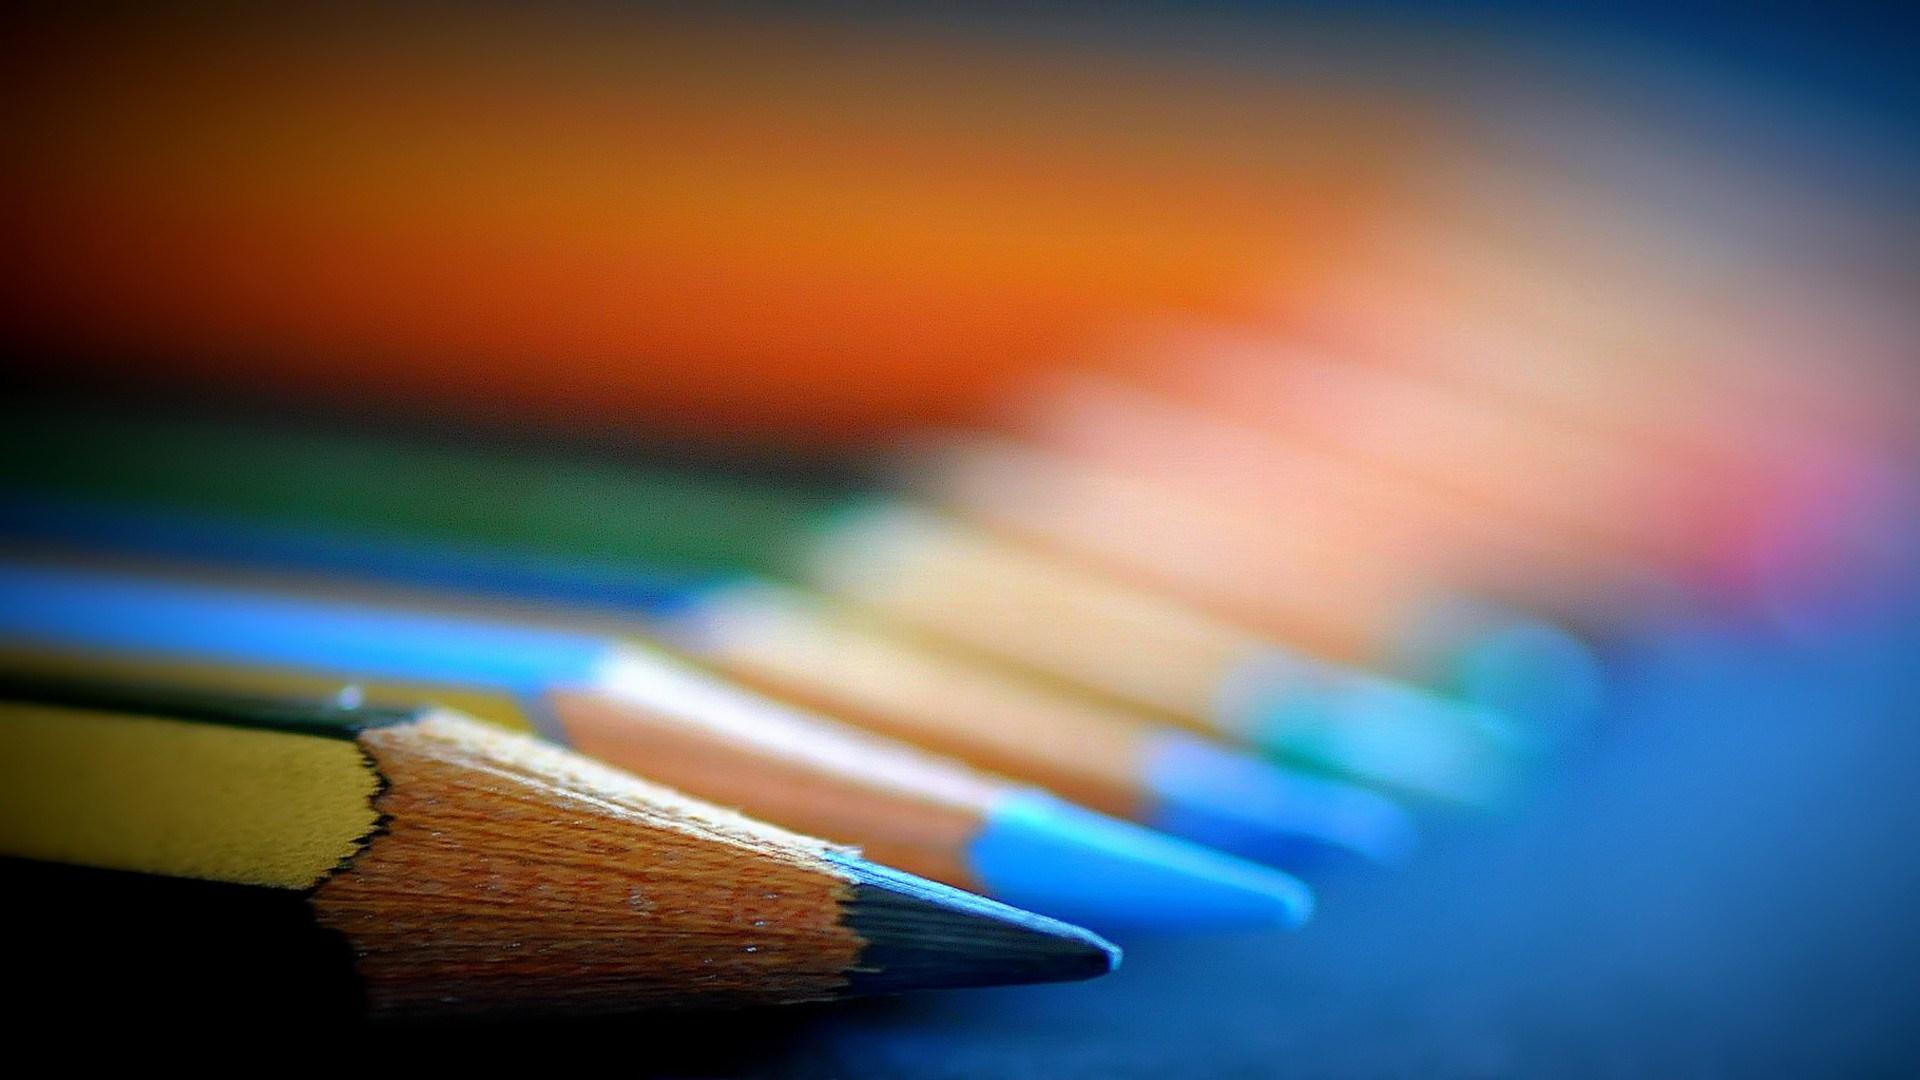 pencils up close hd wallpaper 64413